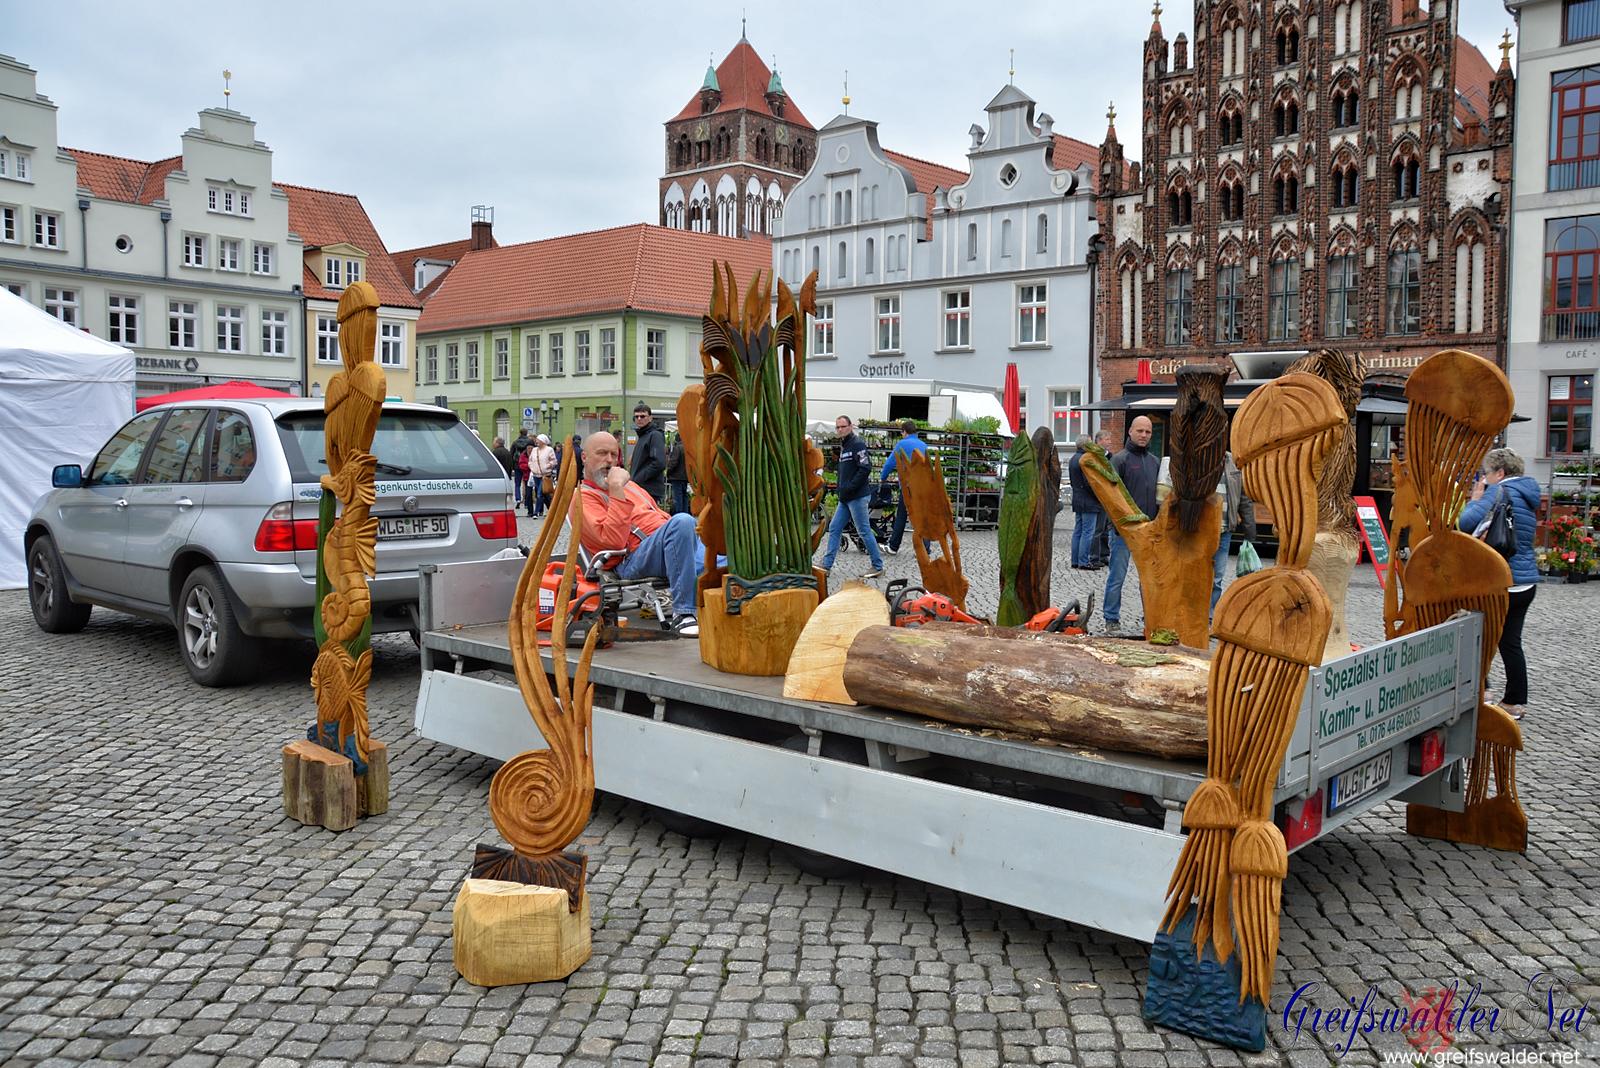 Gartenmarkt 2017 in Greifswald